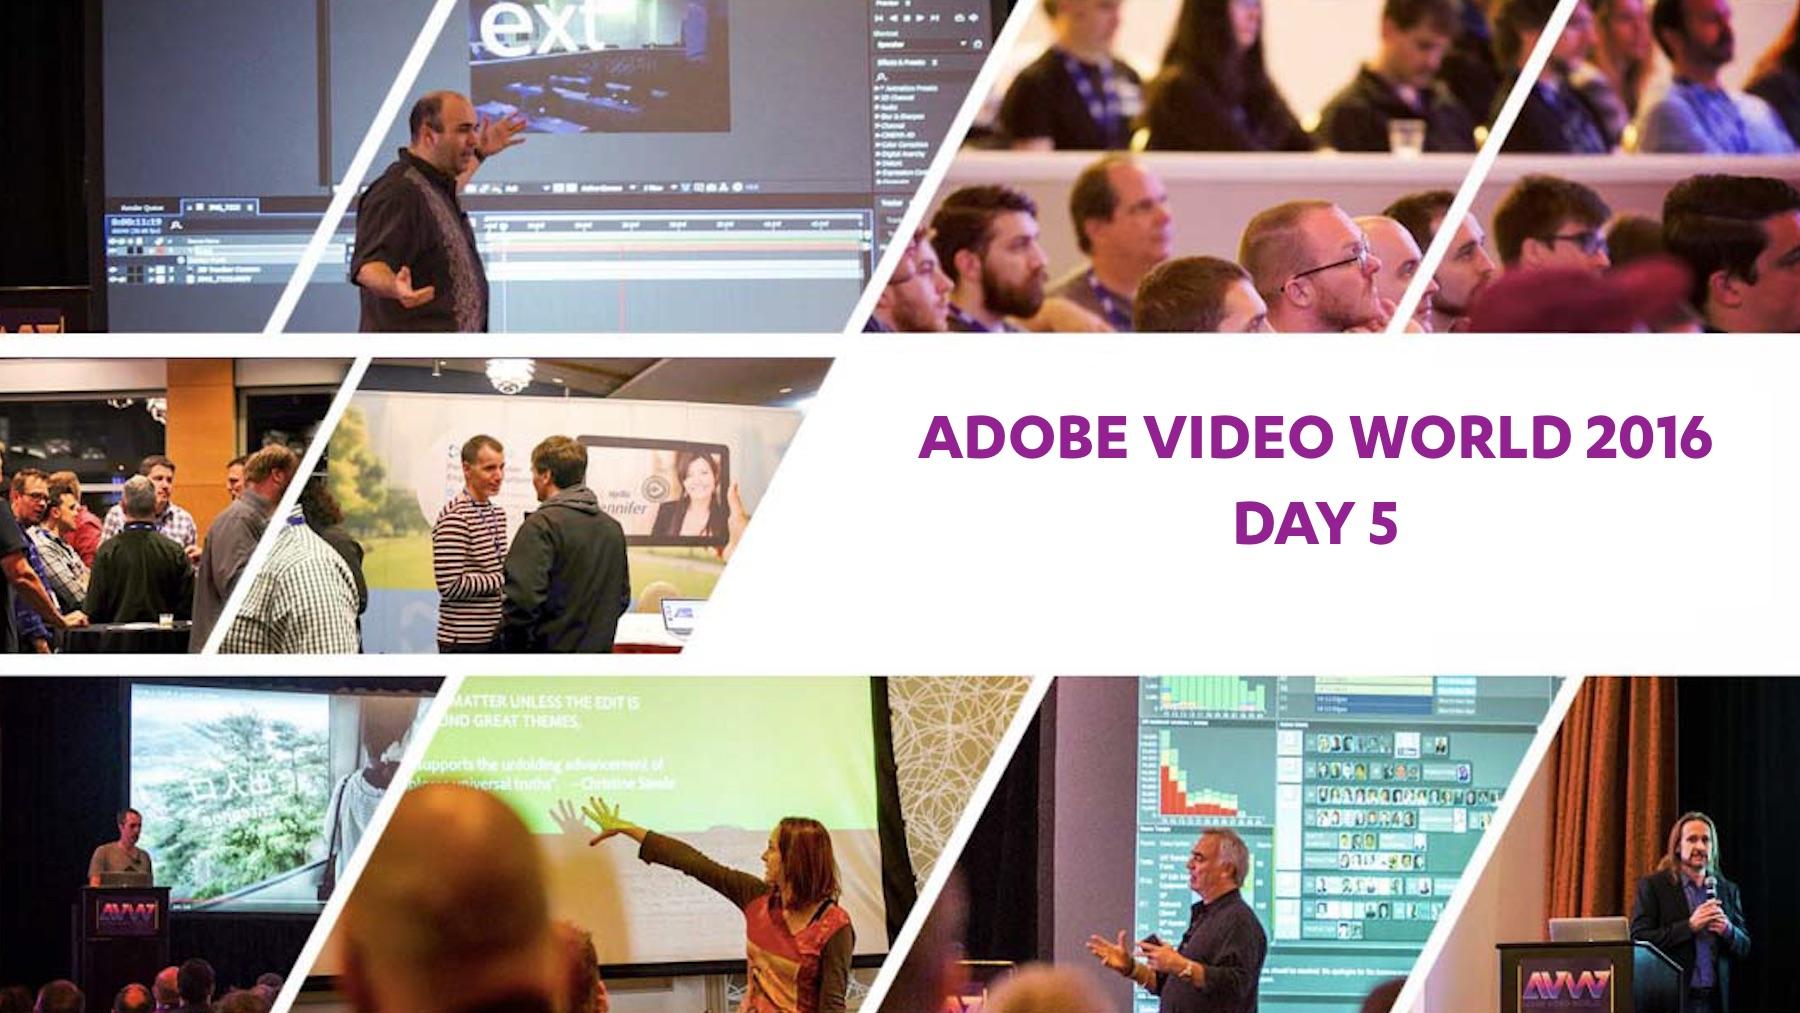 adobe-video-world-2016-day-5